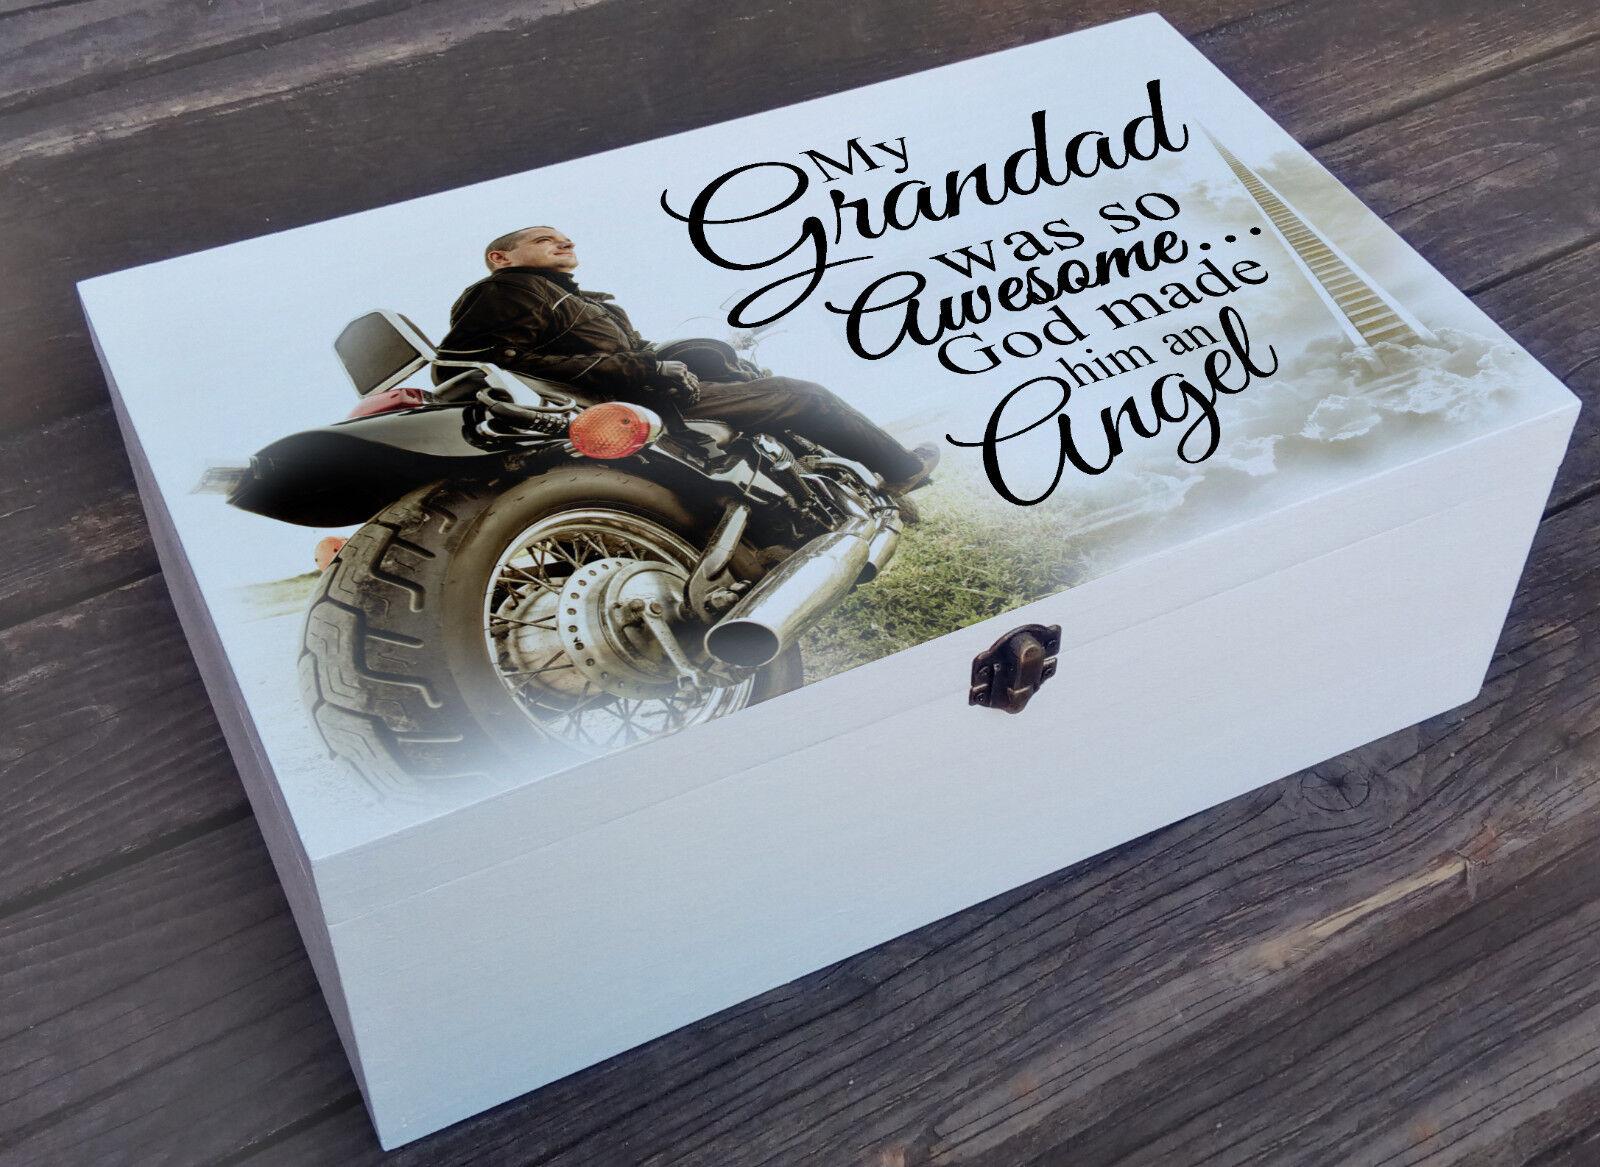 Blanco Personalizado Caja De Madera, Caja Caja Madera, de memoria recuerdo, en la memoria cariñosa Grandad 9144b5